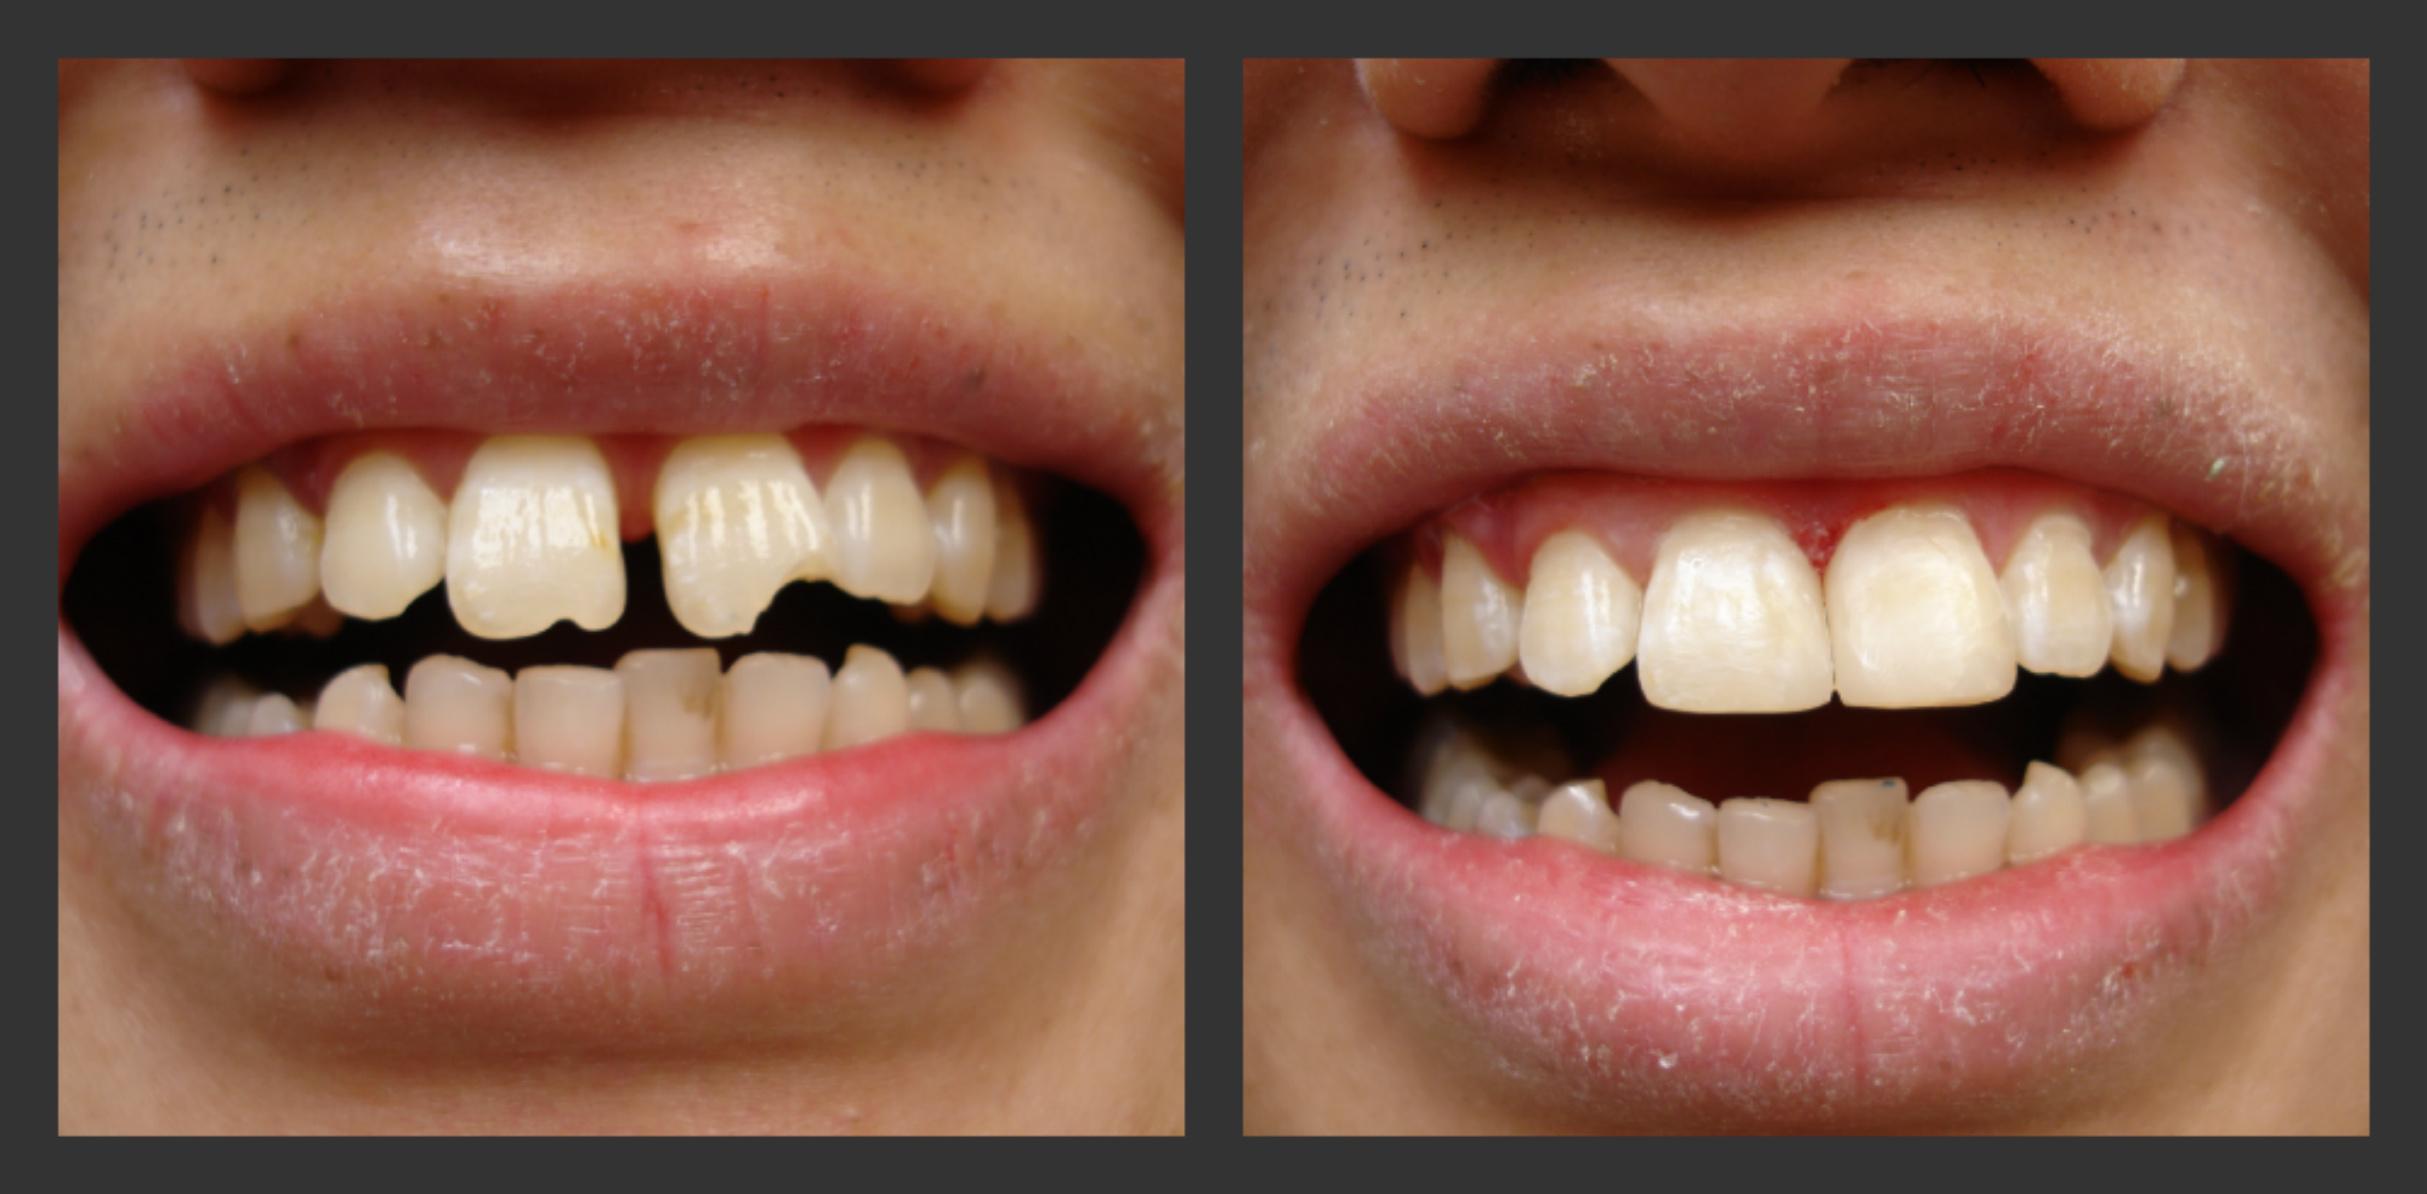 Trám răng thẩm mỹ ở đâu tốt và giá ưu đãi nhất? 3